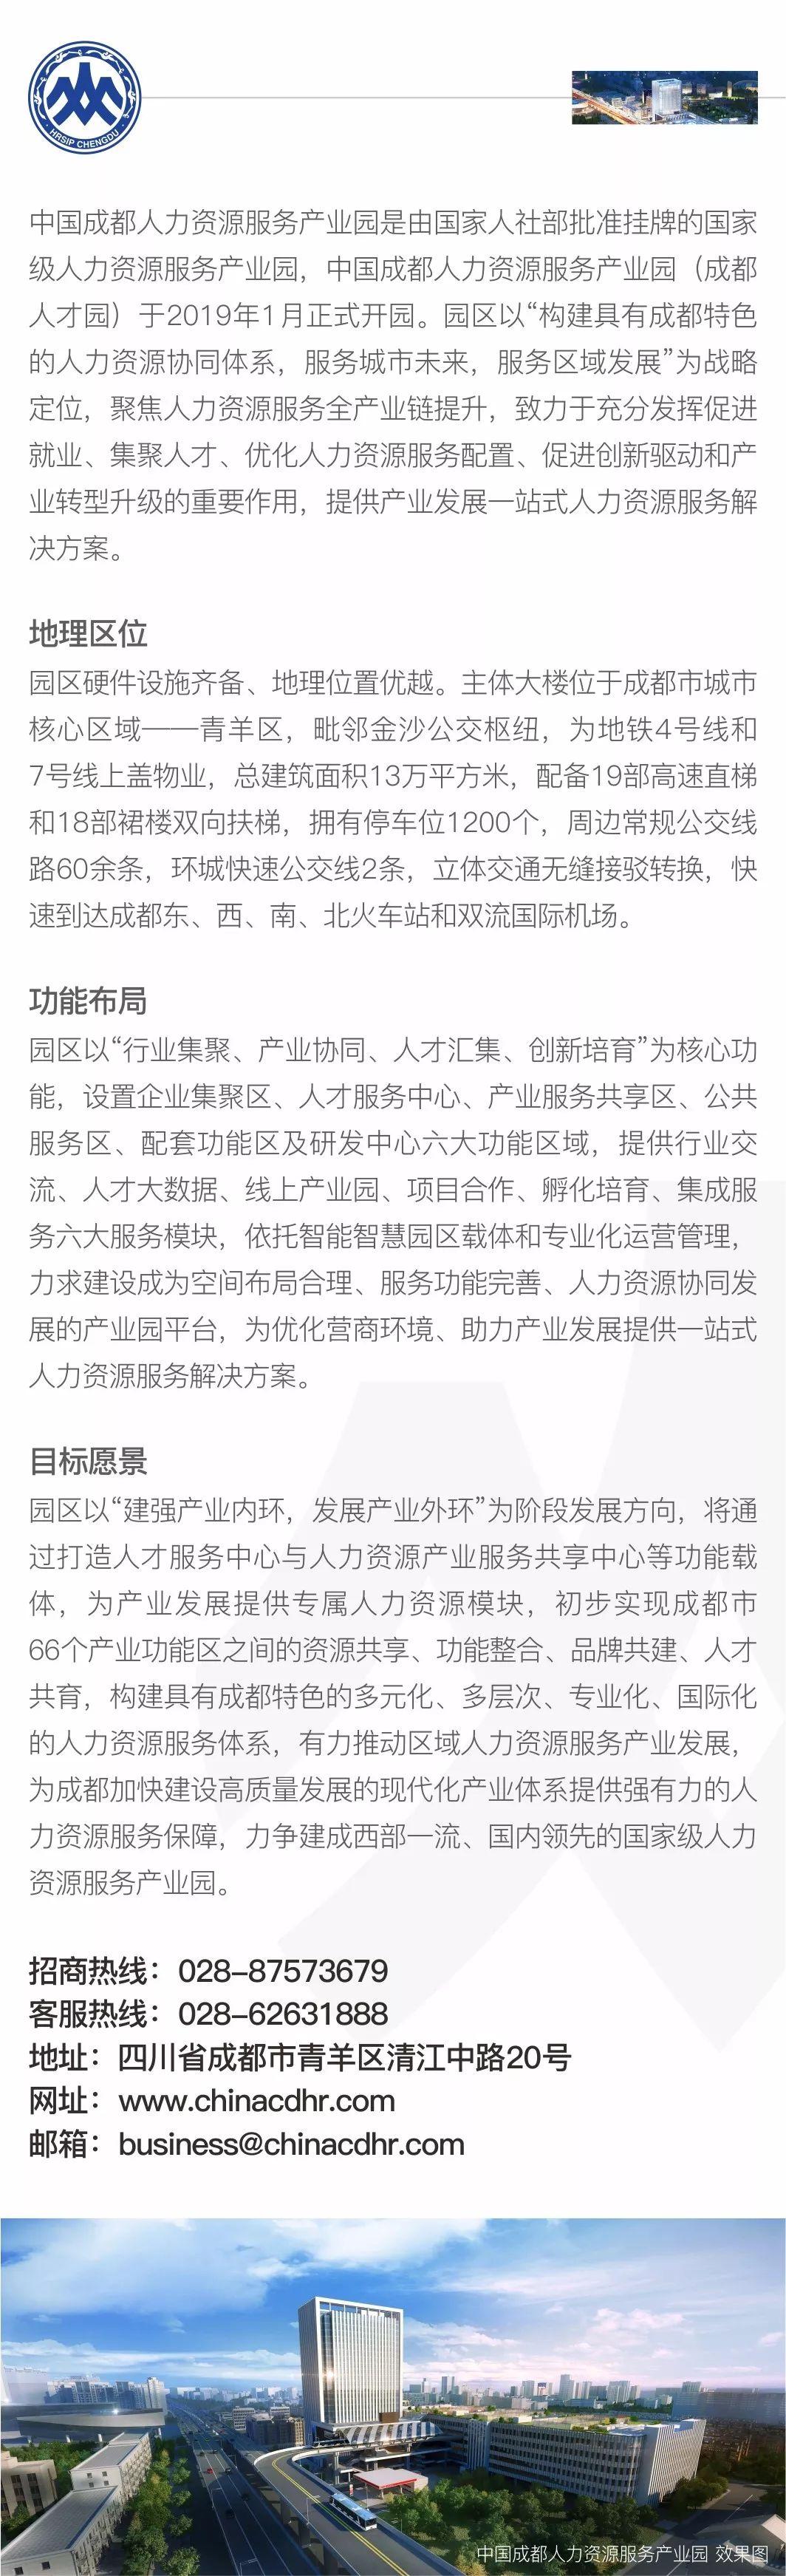 第二届四川省杰出·优秀职业经理人及最佳雇主颁奖典礼通知